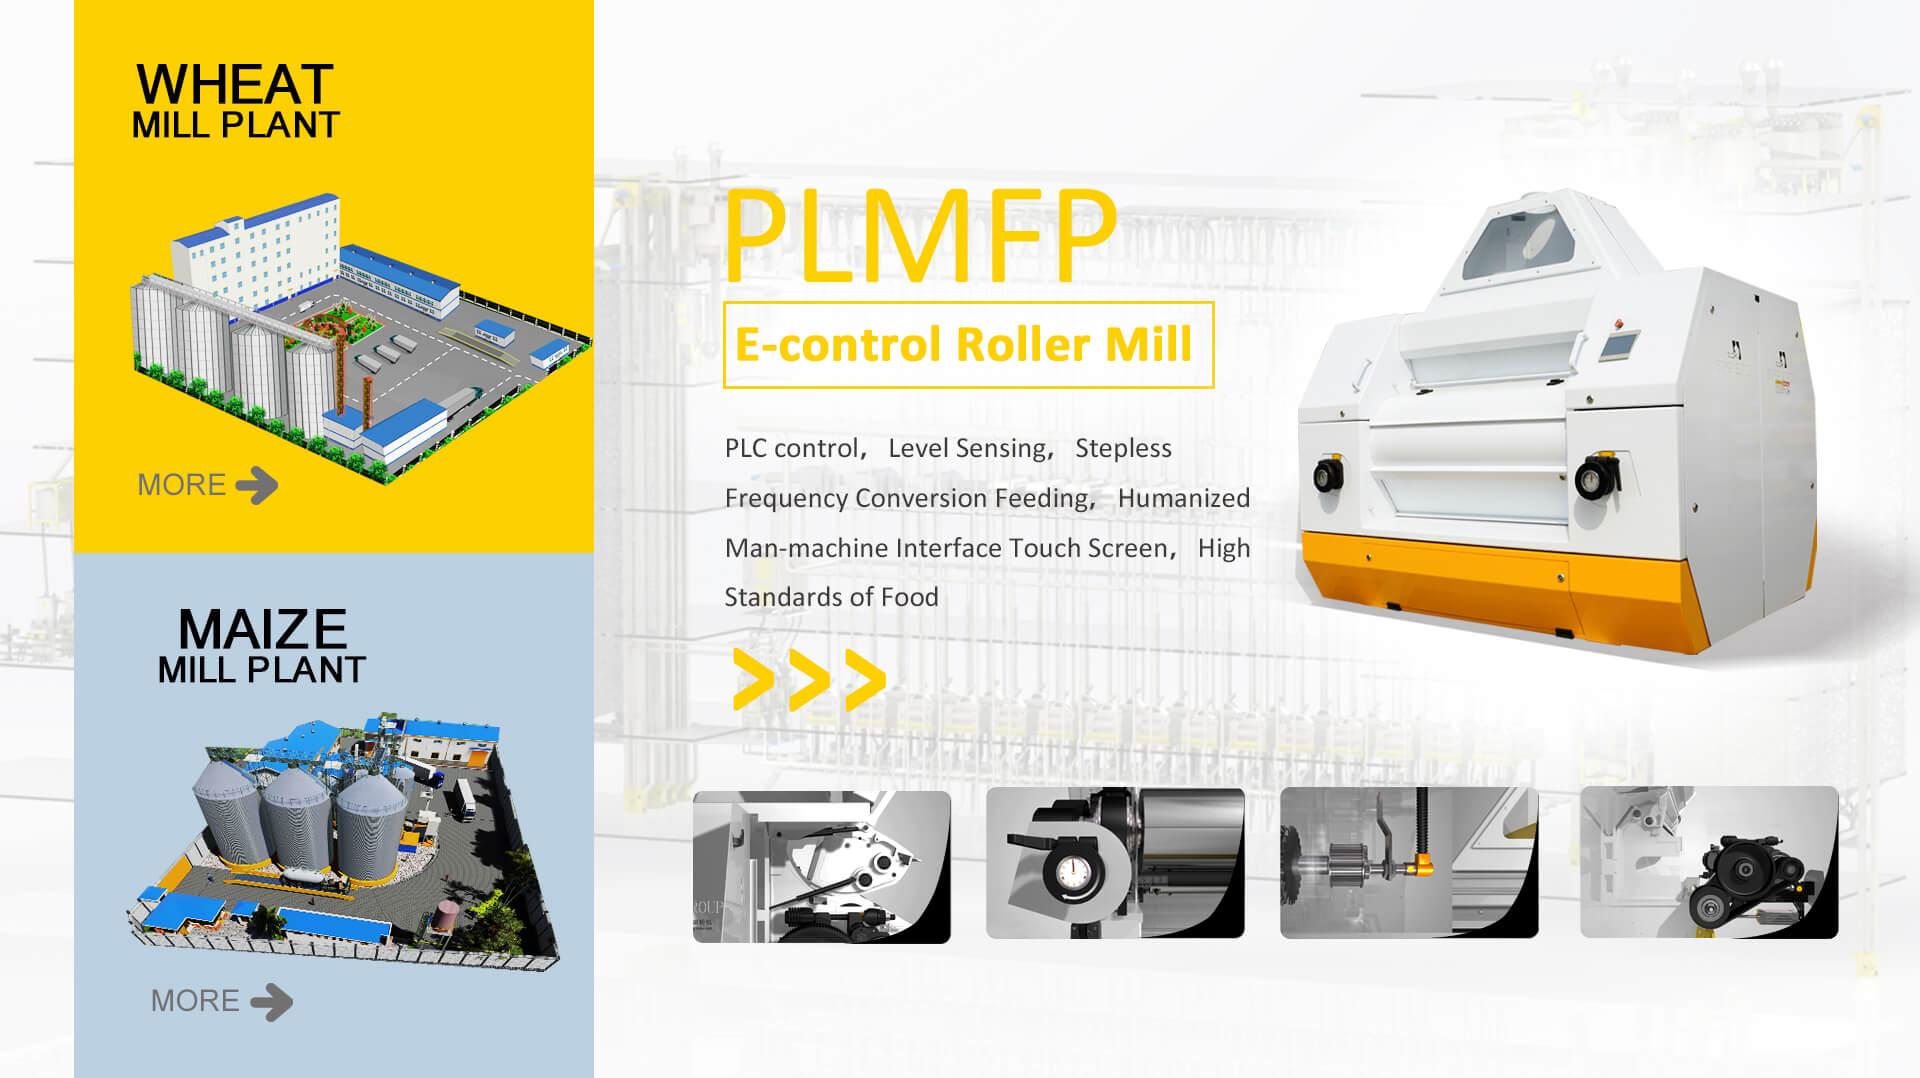 PLMFP E-التحكم في الطاحونة